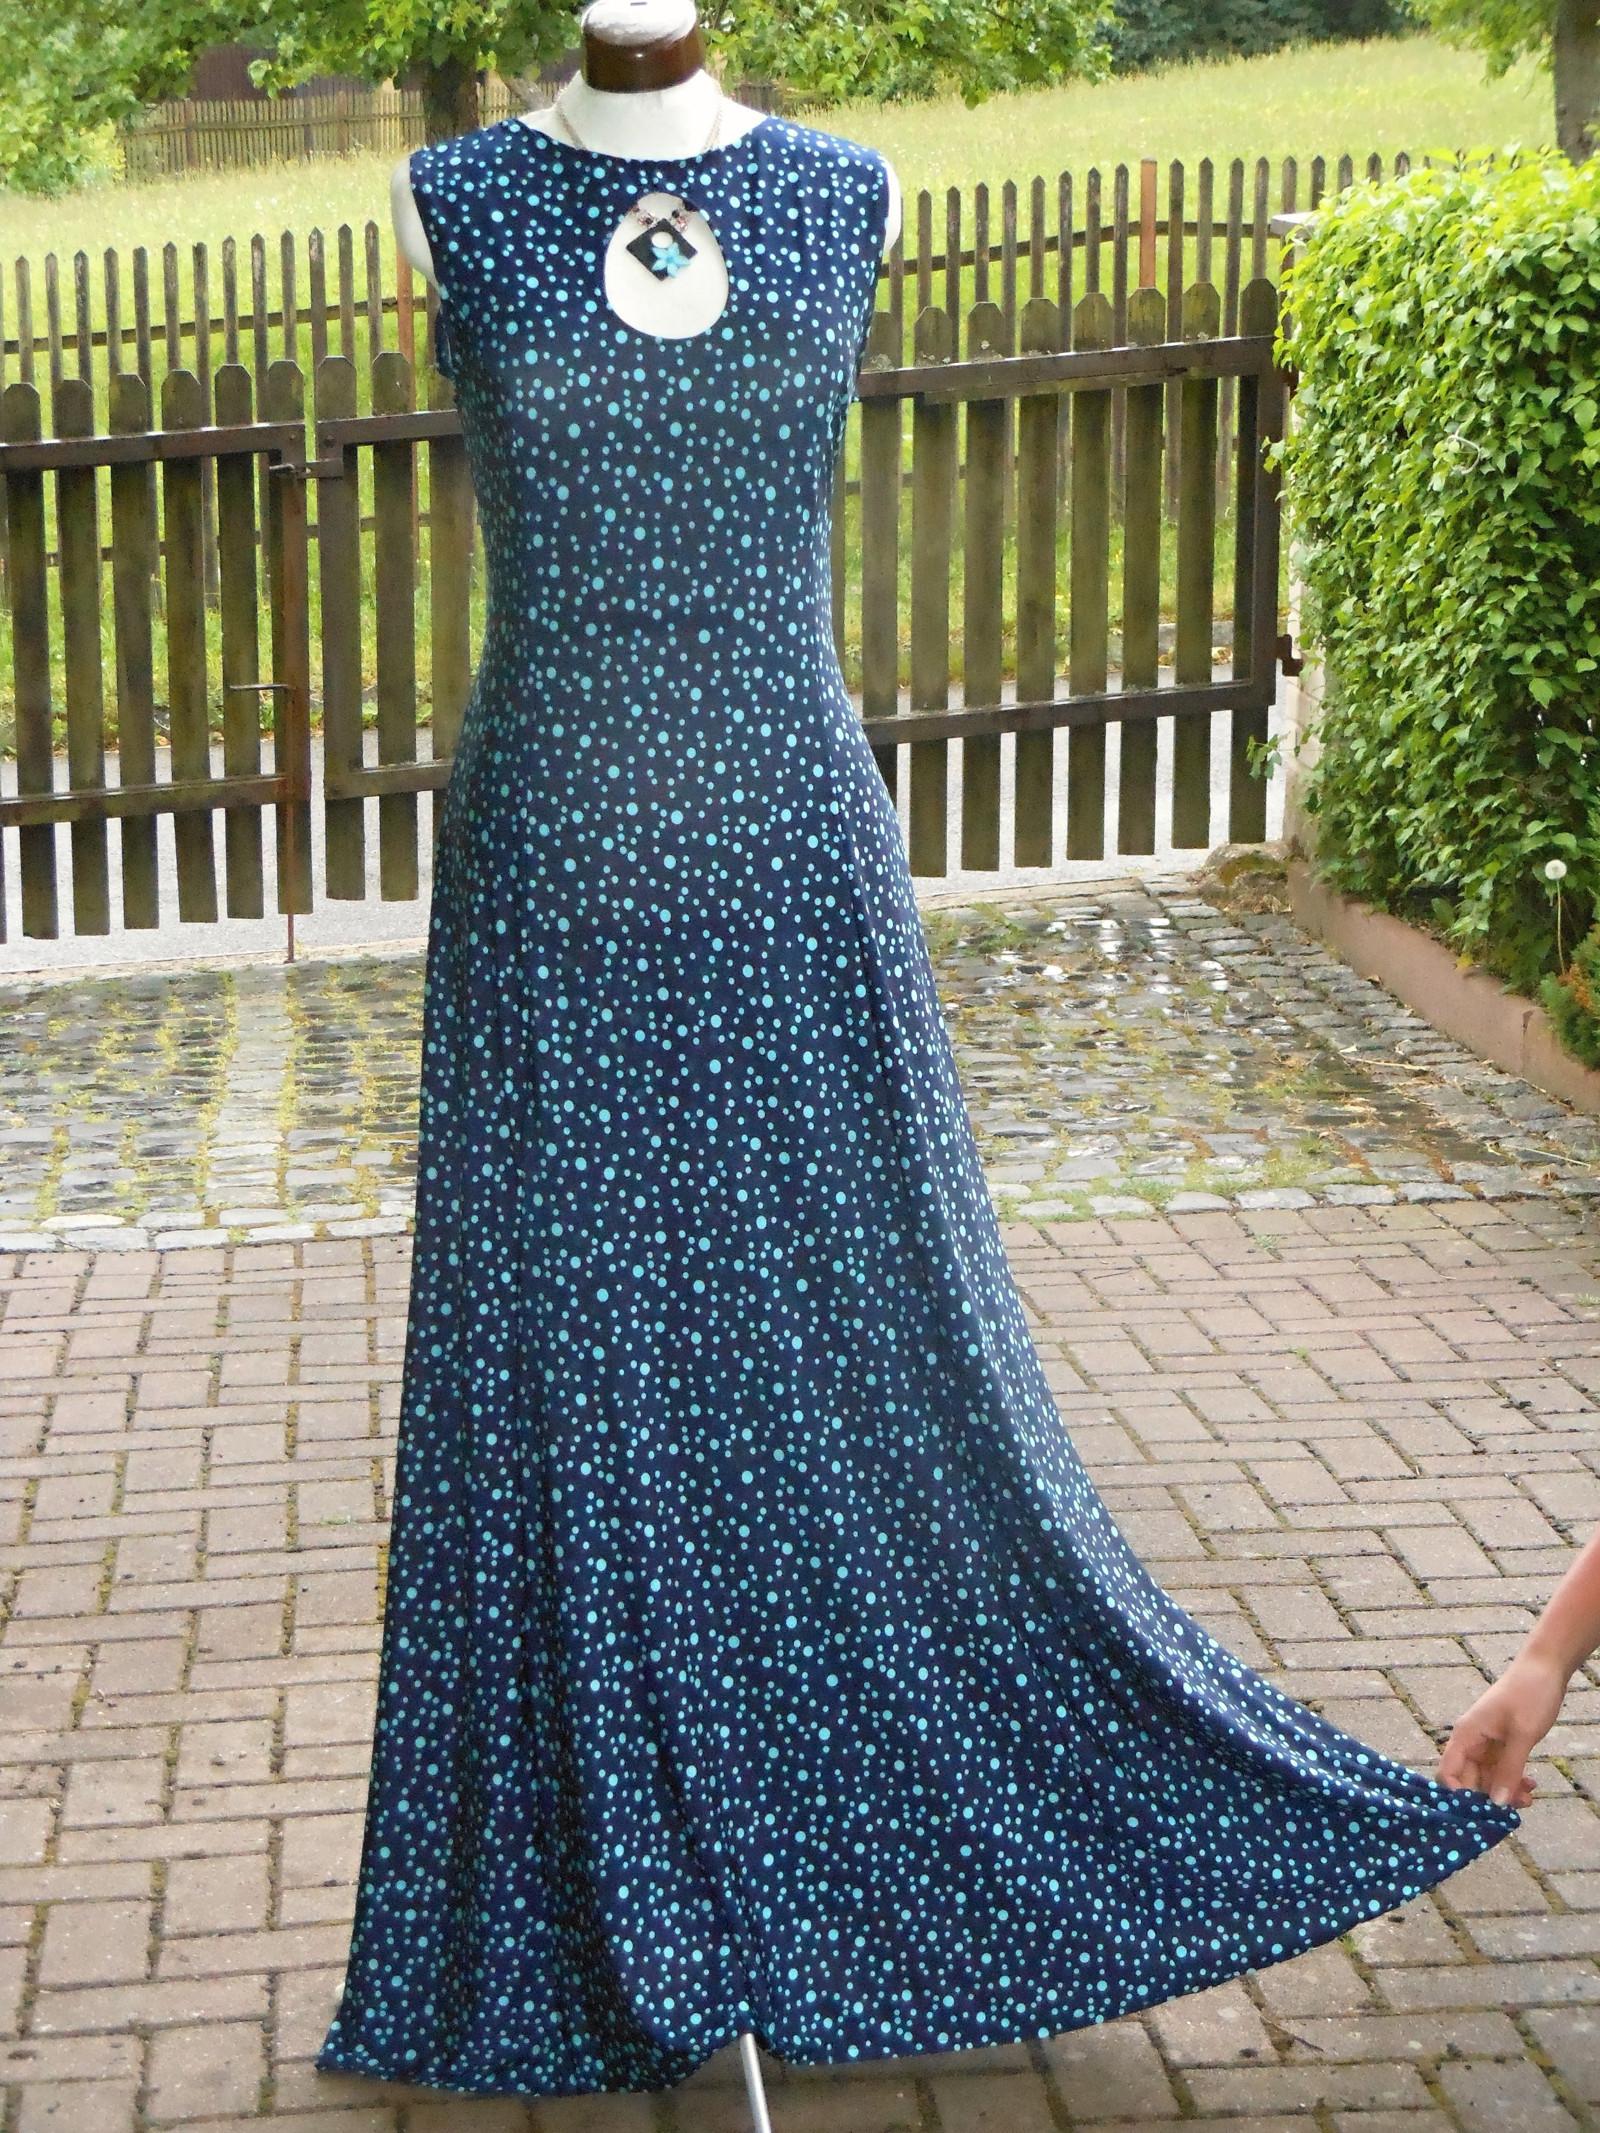 840770da3c4 Dlouhé šaty- modro tyrkysový puntík   Zboží prodejce Helena 131 ...